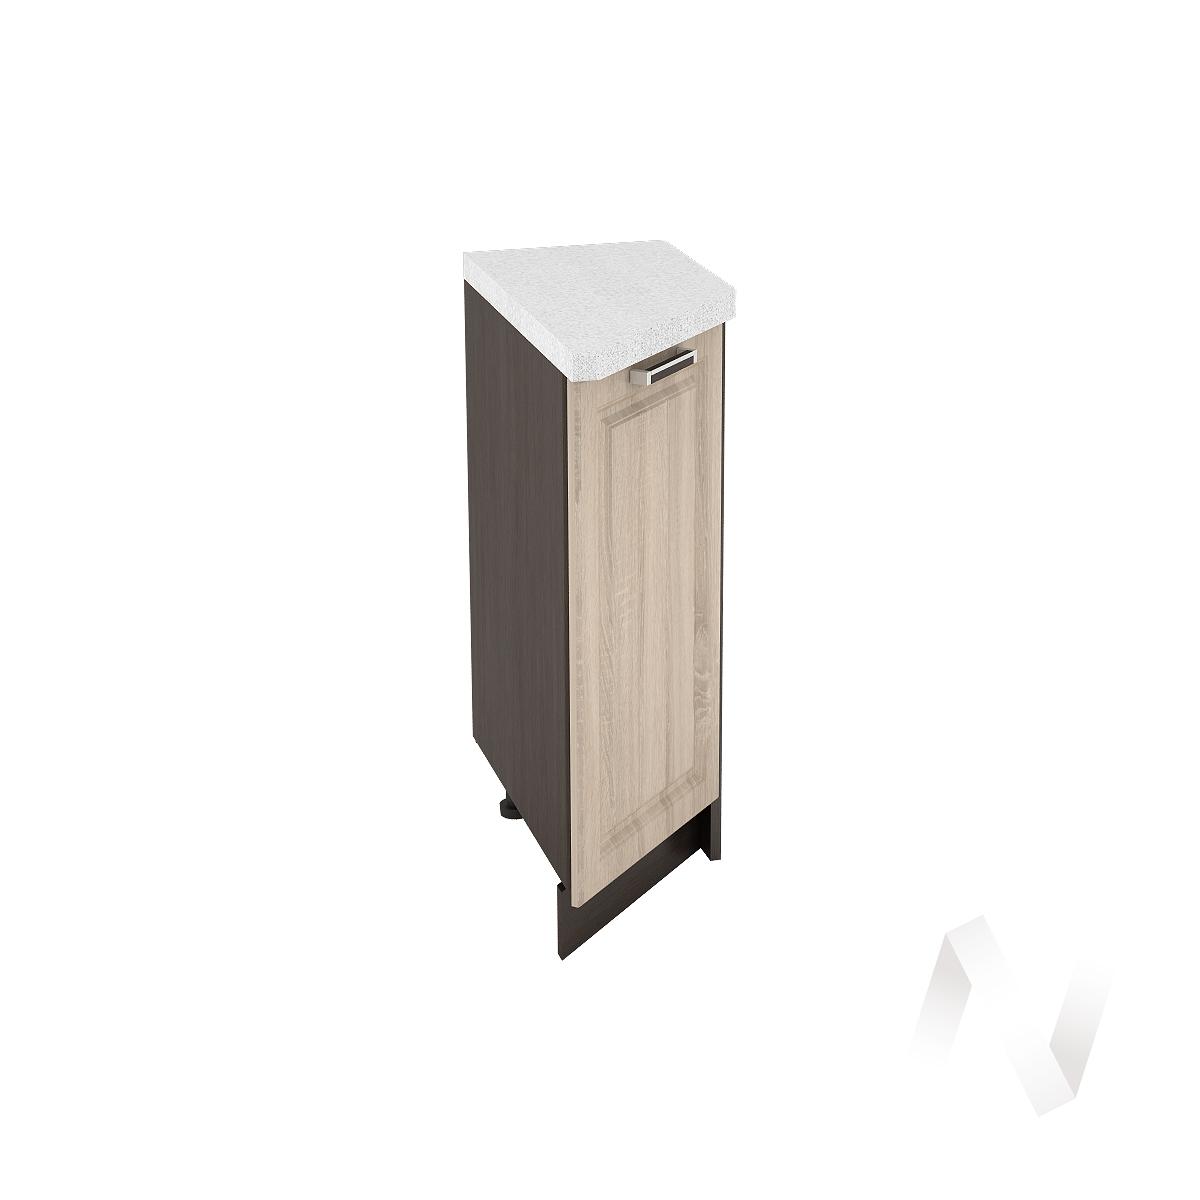 """Кухня """"Прага"""": Шкаф нижний торцевой 300, ШНТ 300 (дуб сонома/корпус венге)"""